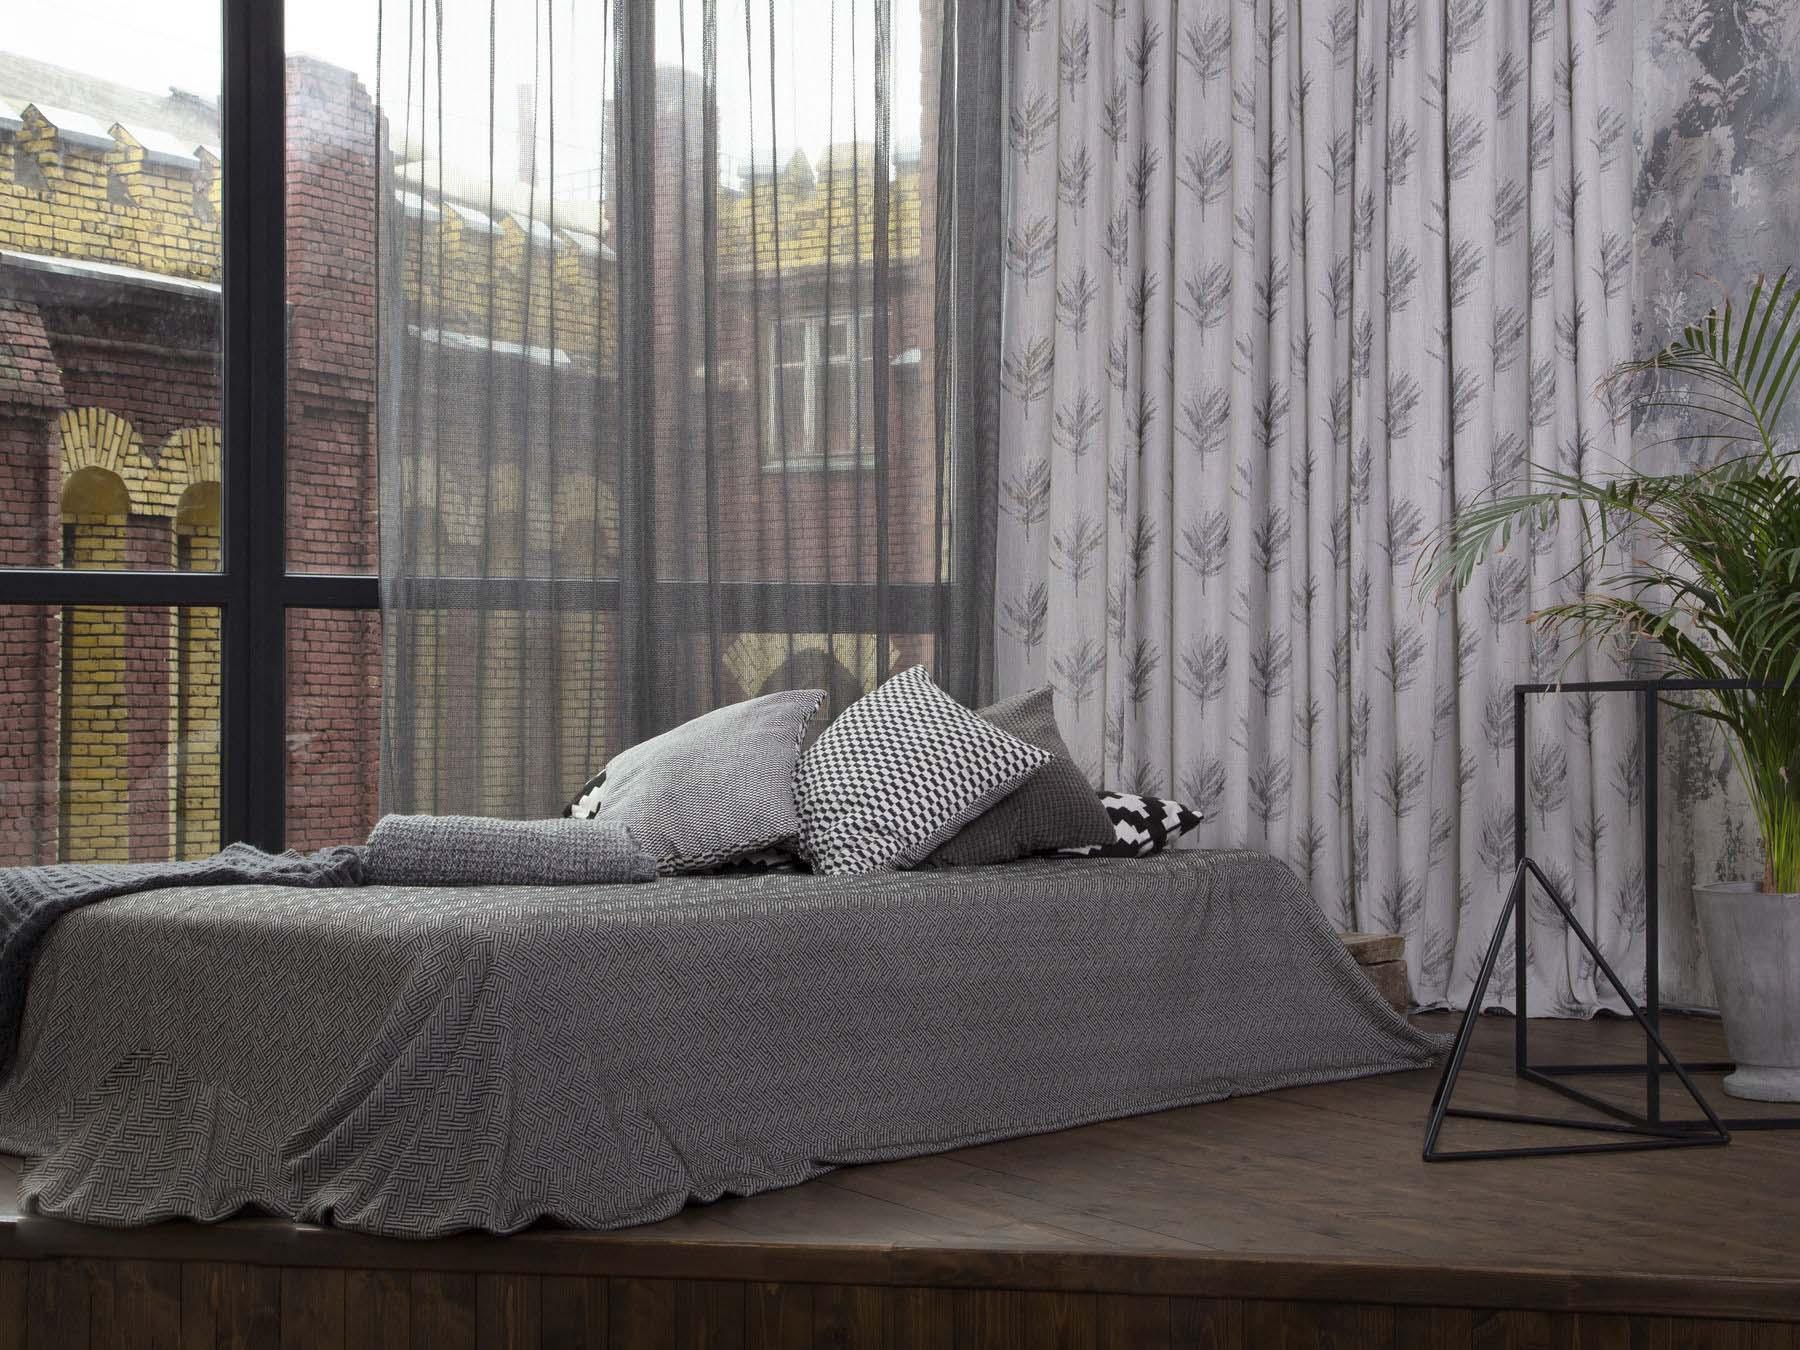 Ткань для спальной комнаты на шторы и покрывало